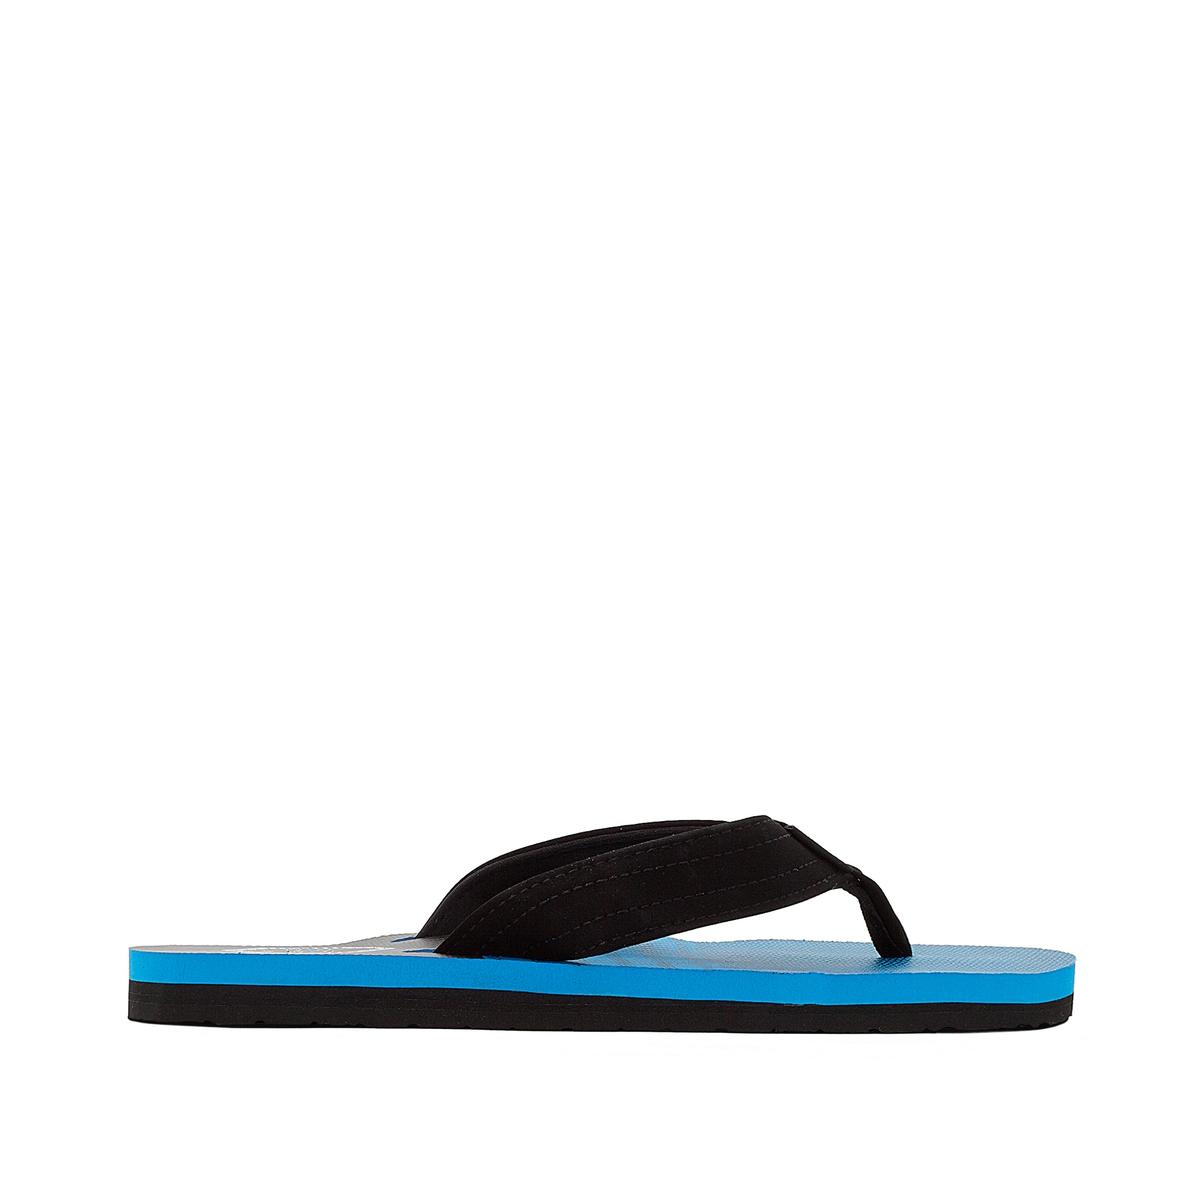 Вьетнамки Ripper+Верх : синтетика   Стелька : синтетика   Подошва : каучук   Форма каблука : плоский каблук   Мысок : открытый мысок   Застежка : без застежки<br><br>Цвет: синий/ черный<br>Размер: 40